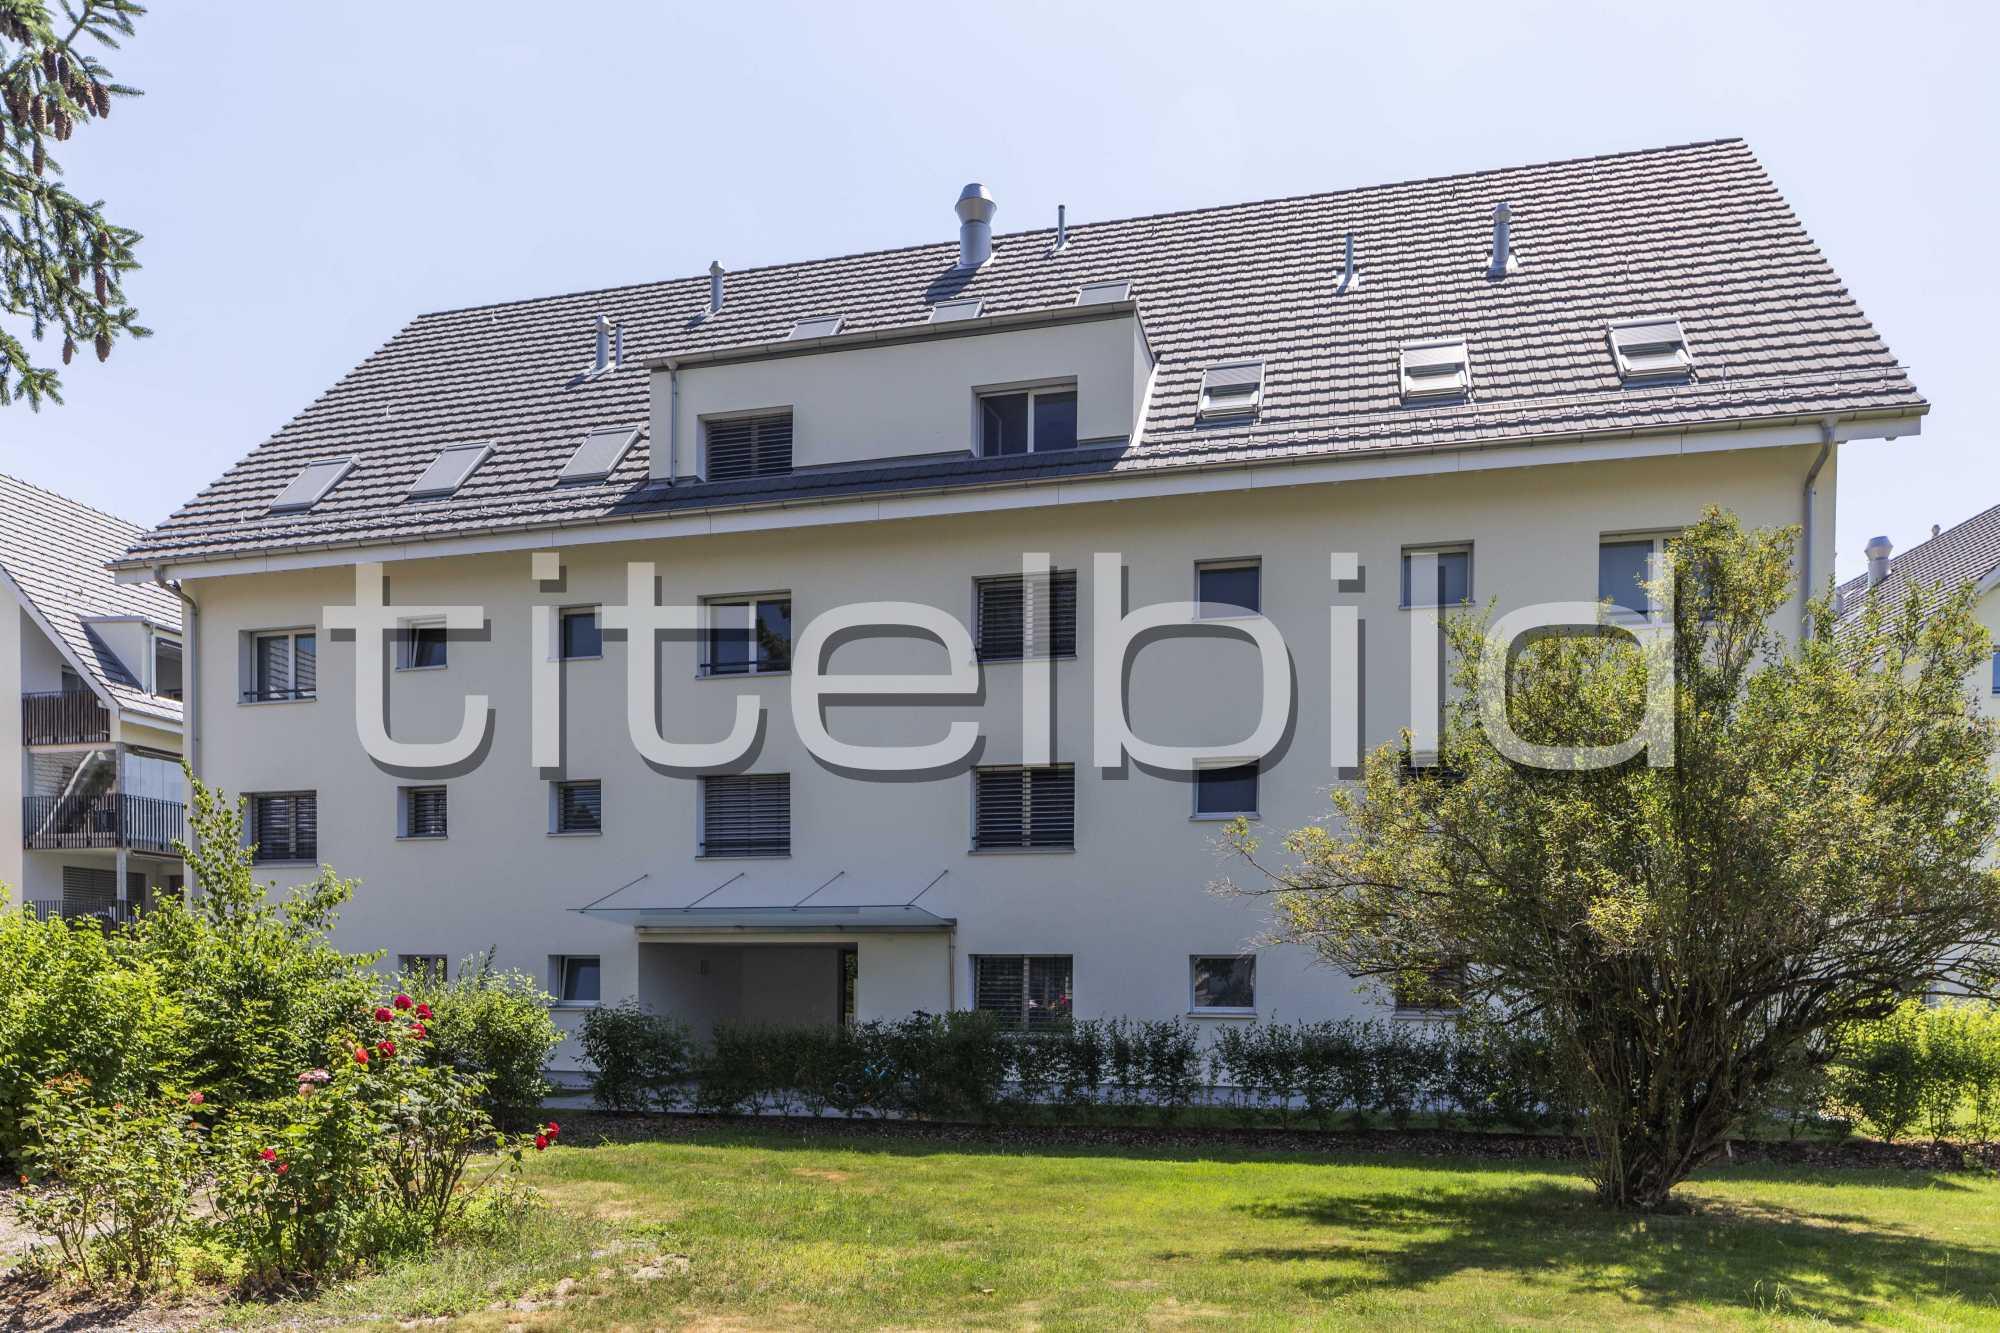 Projektbild-Nr. 4: Wohnen im Dorfzentrum Adlerweg